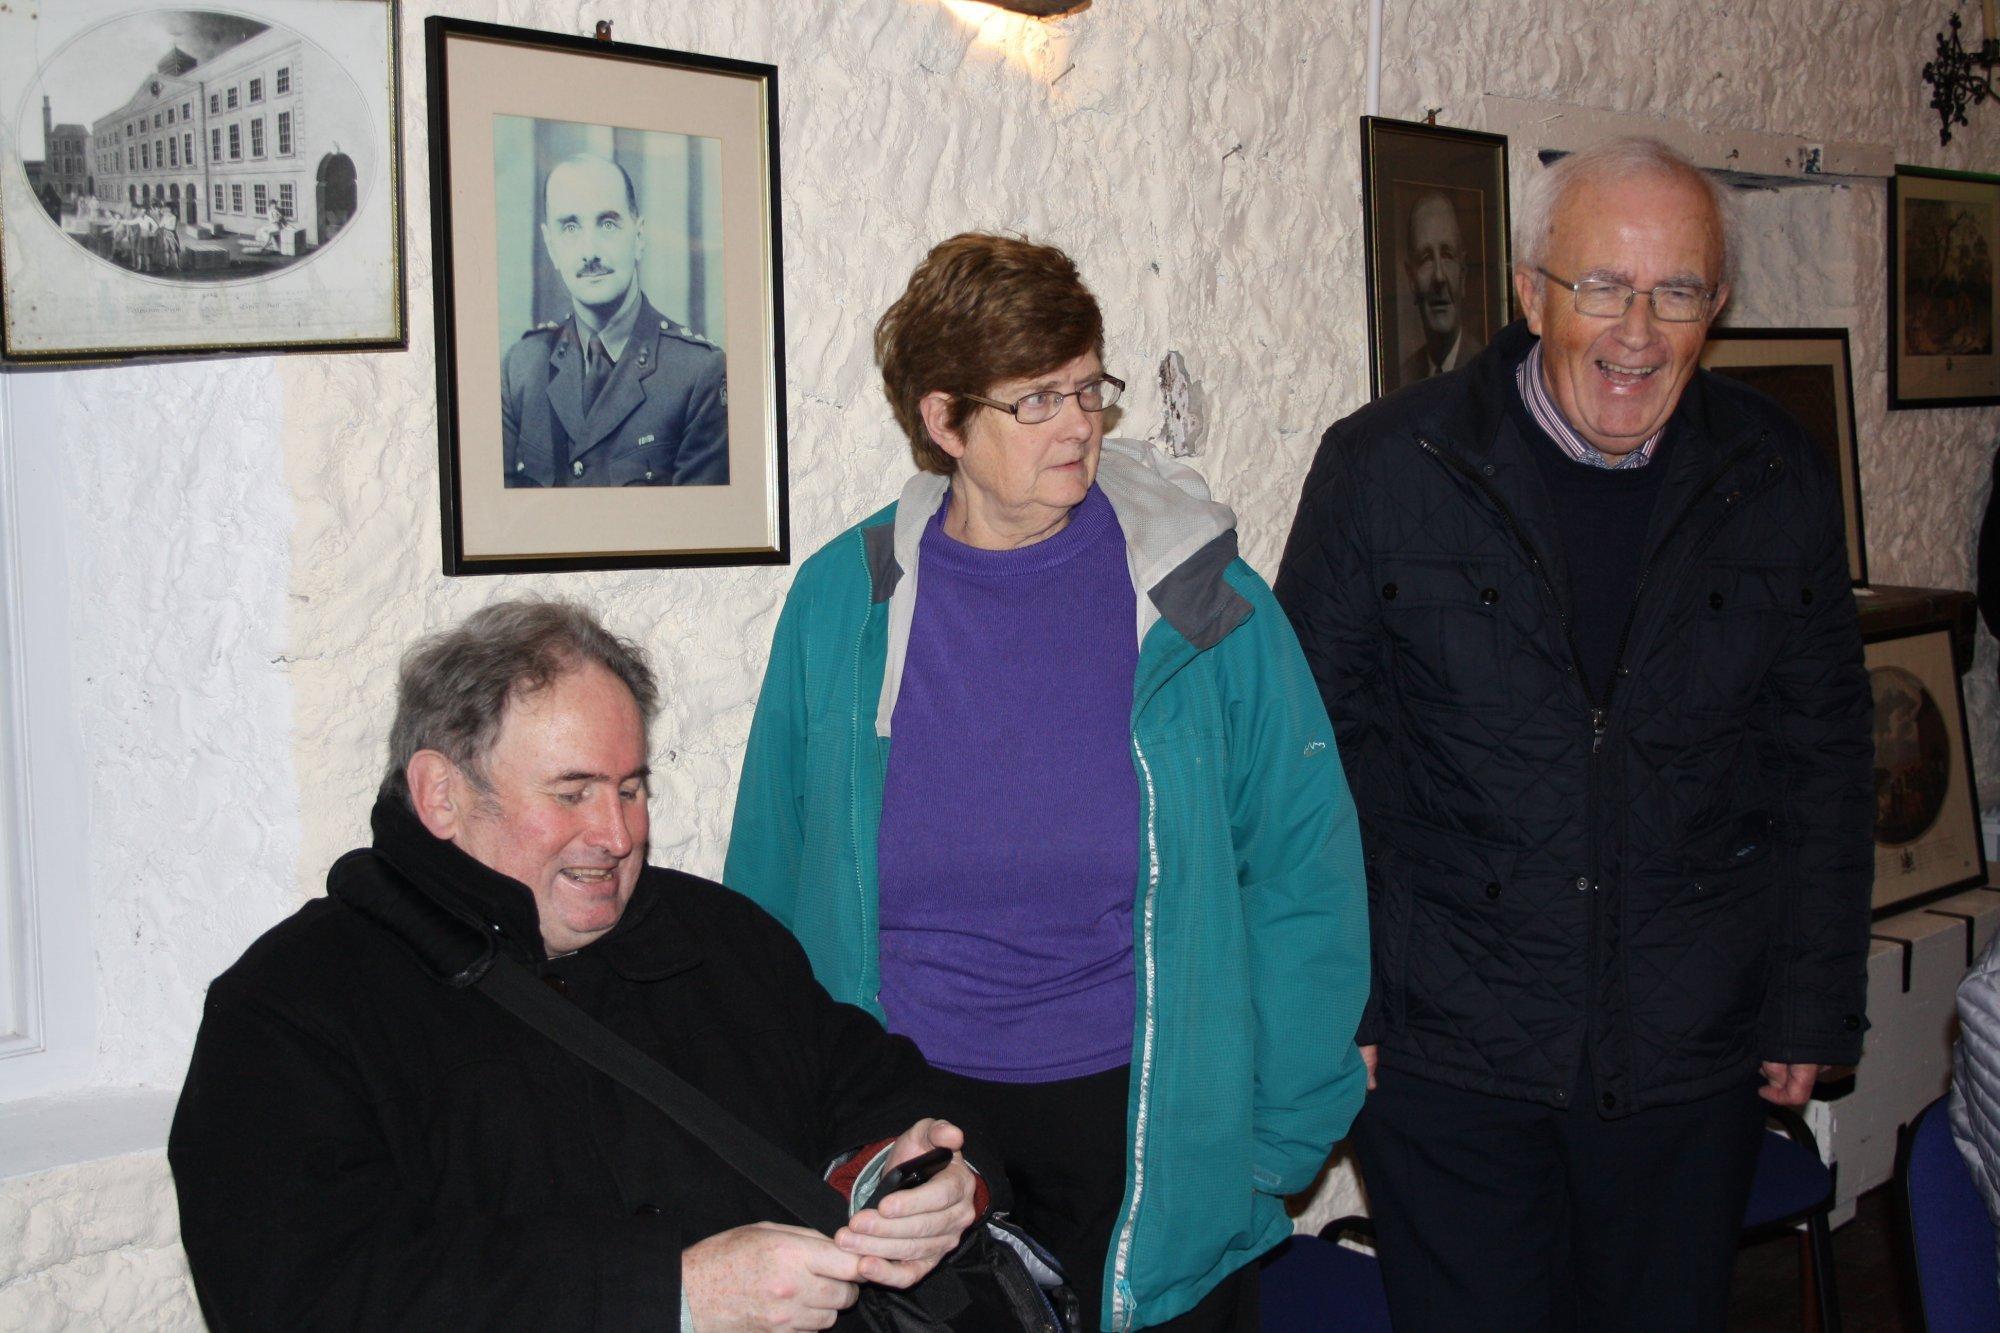 Patrick Boner, Bridie and Pat McGuigan